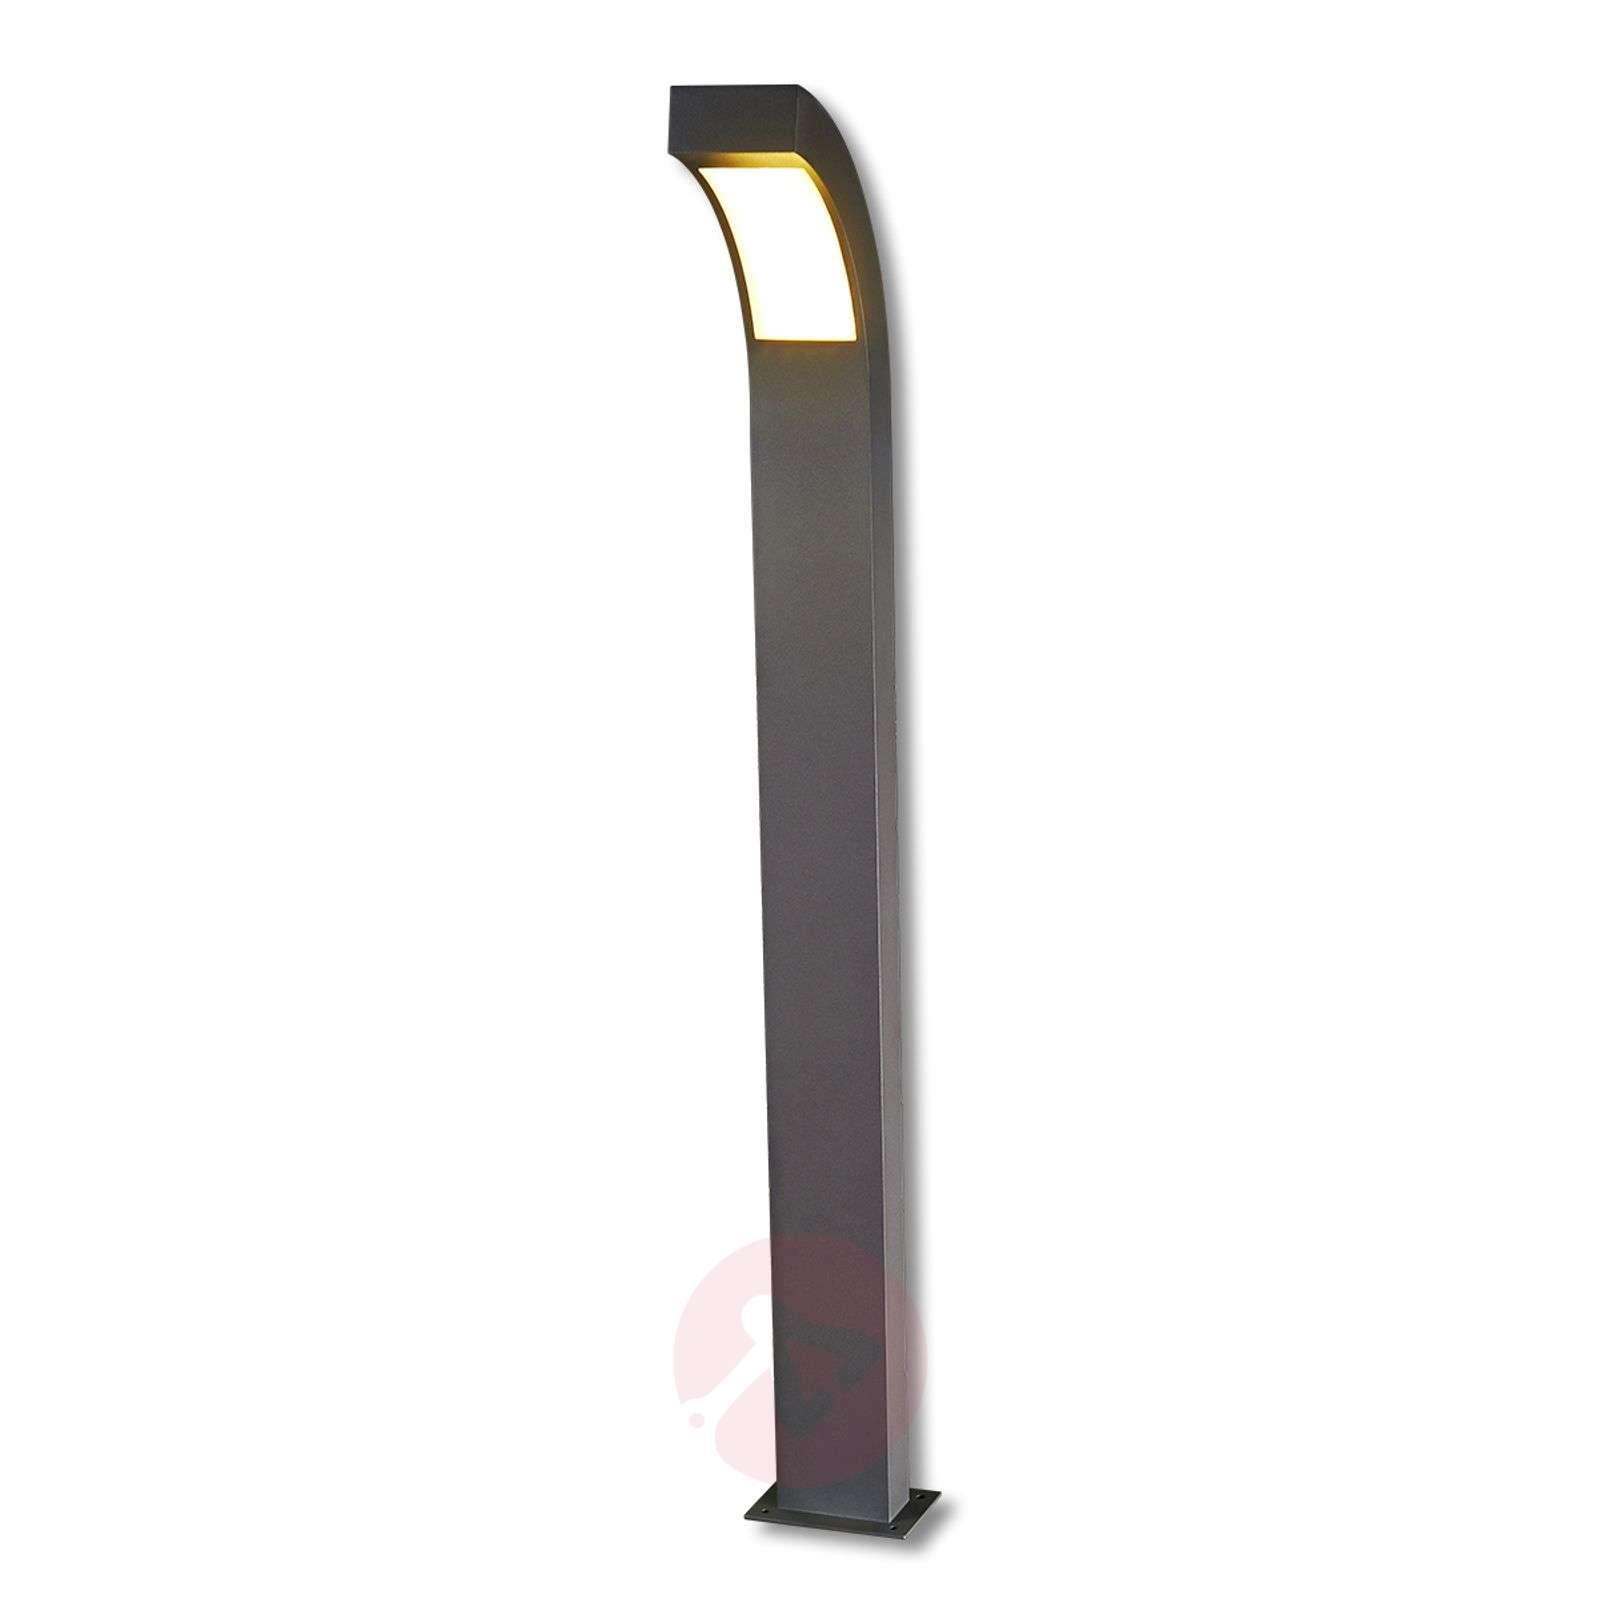 Grafiitinharmaa LED-pylväsvalaisin Lennik-9619006-04